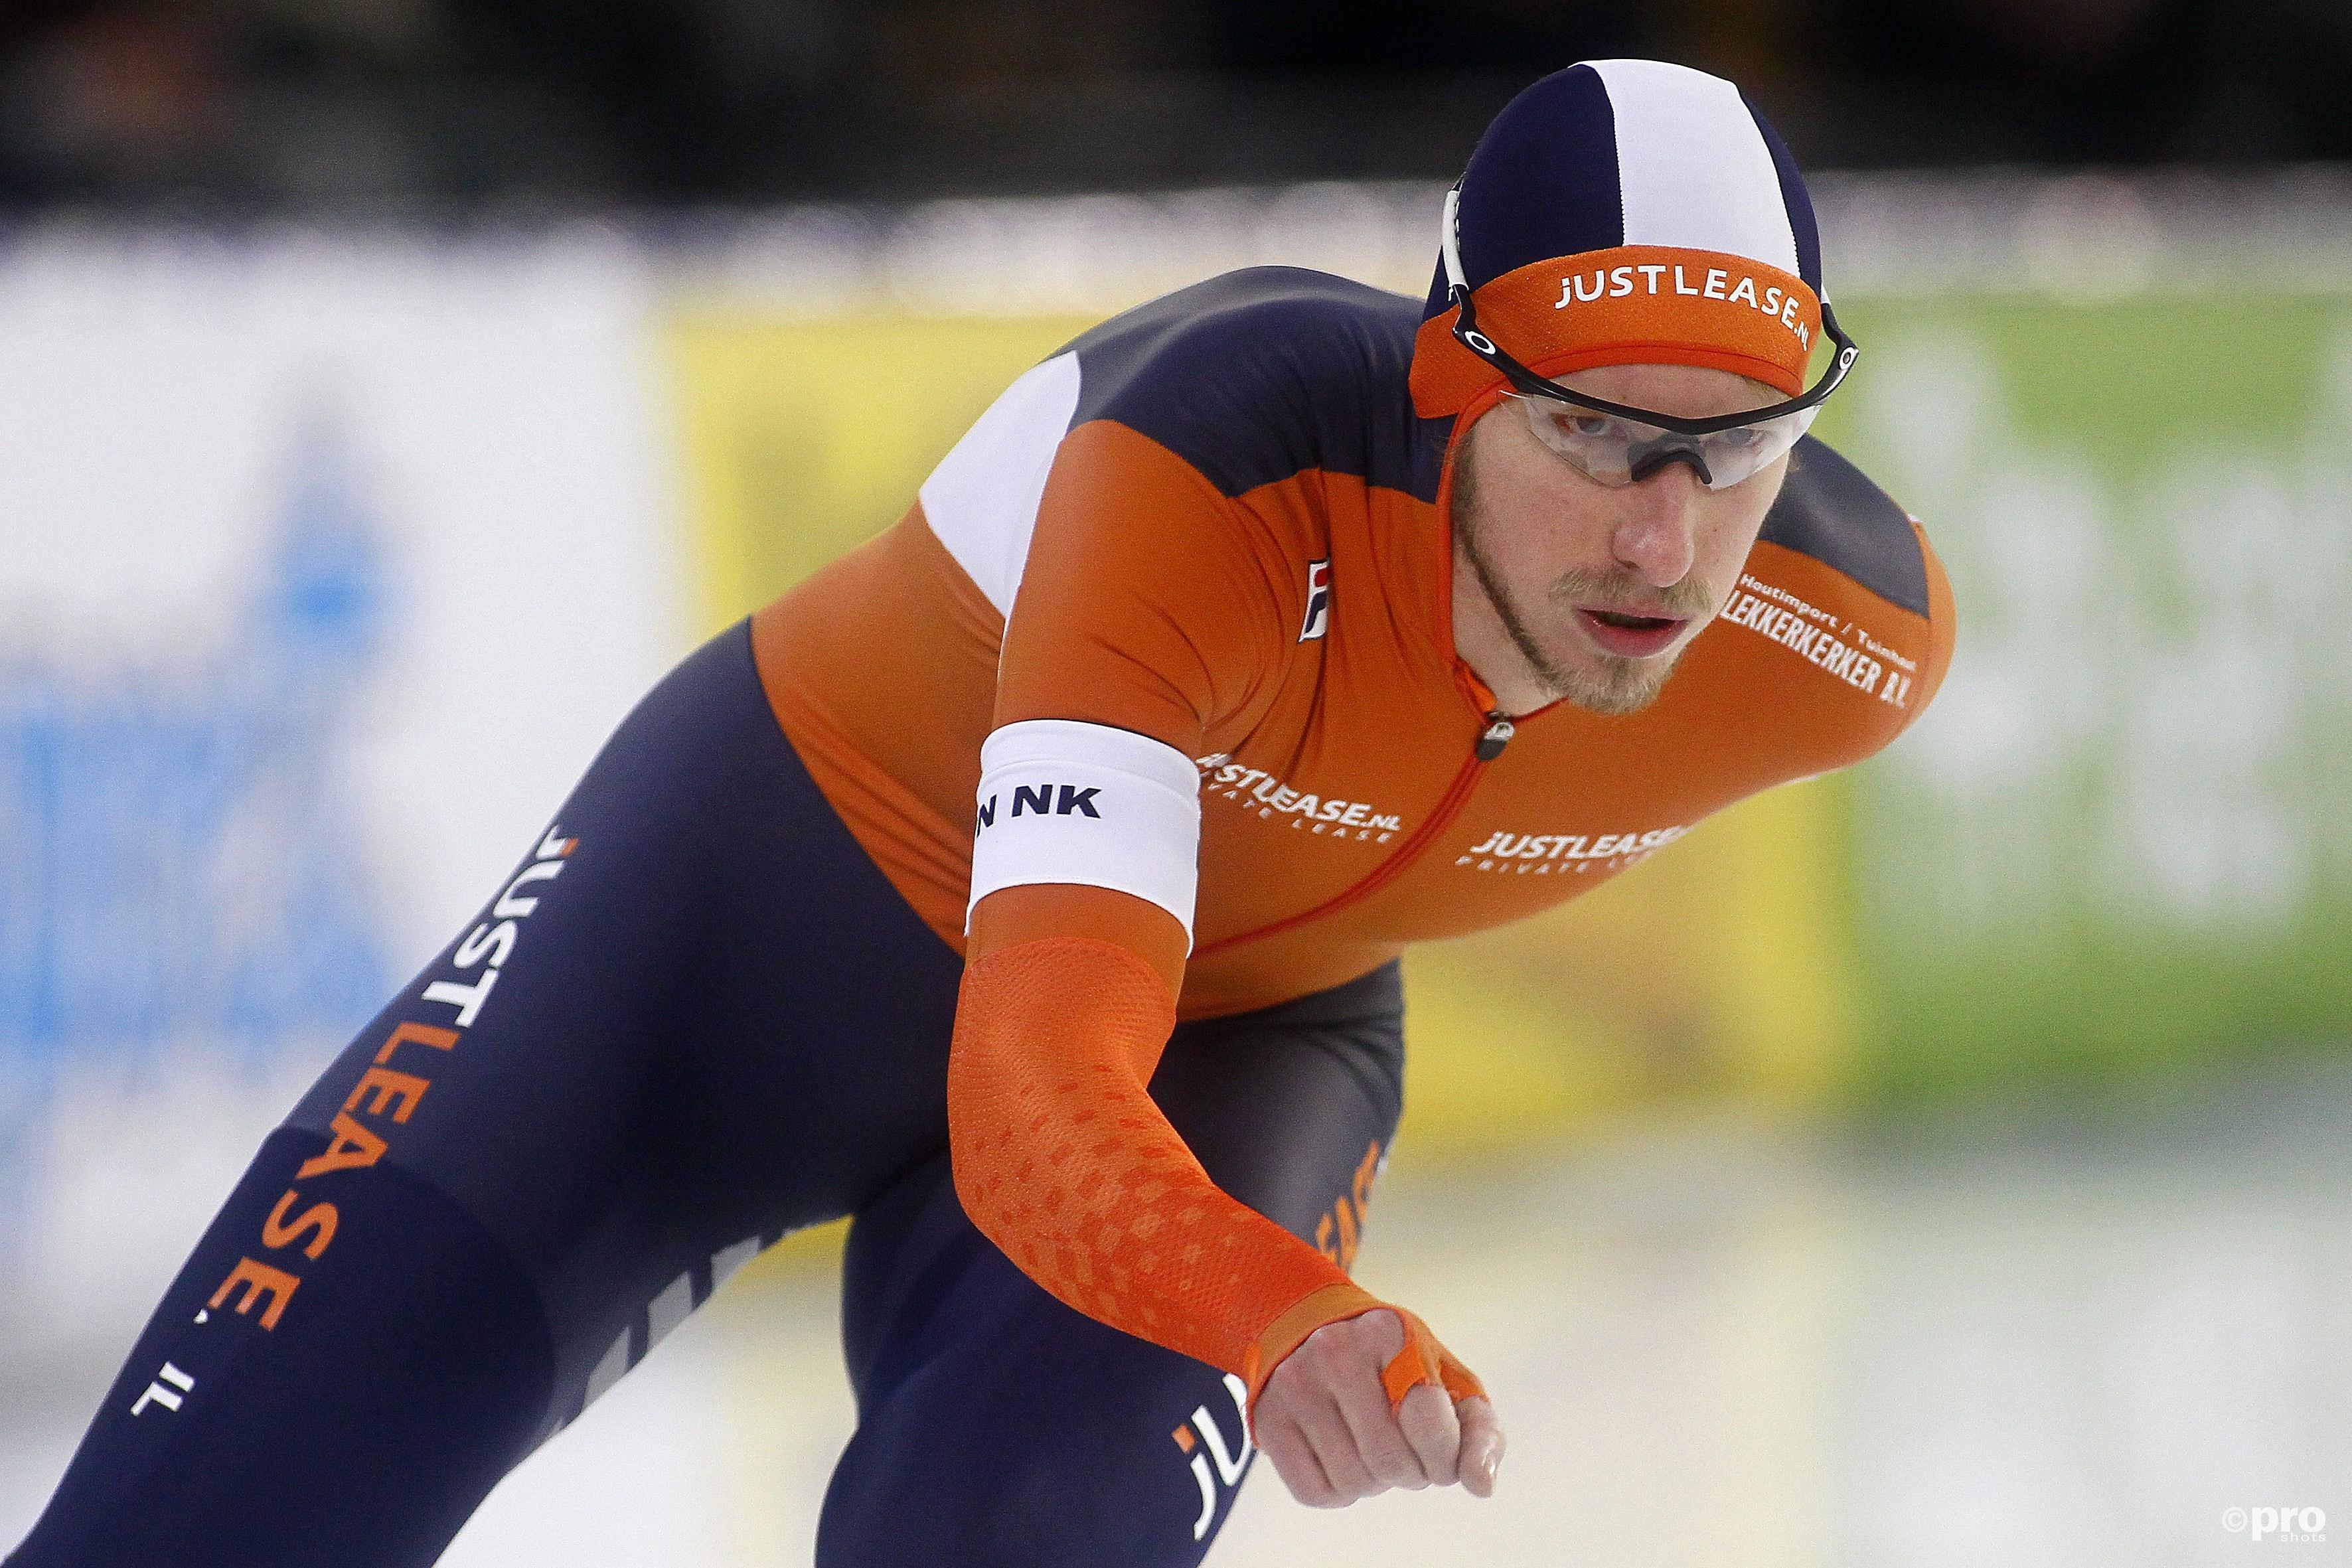 Jan Blokhuijsen opnieuw Nederlands kampioen allround. (PRO SHOTS/Henk Jan Dijks)